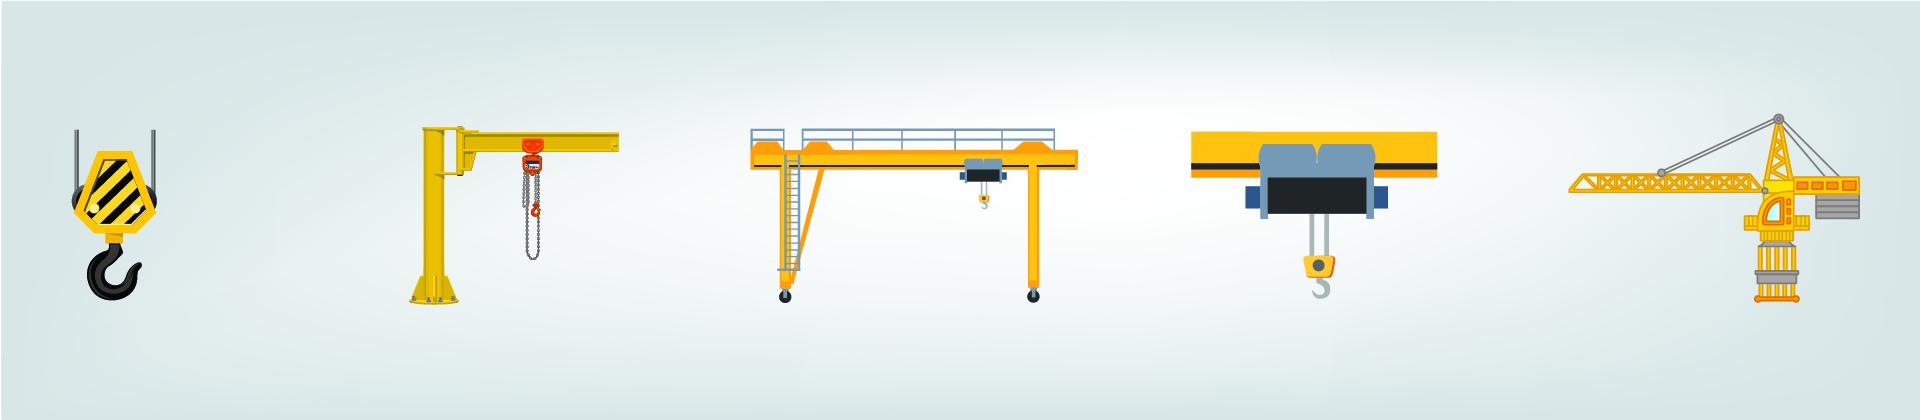 AC drives (VFD) for industrial crane and hoist movement | Danfoss